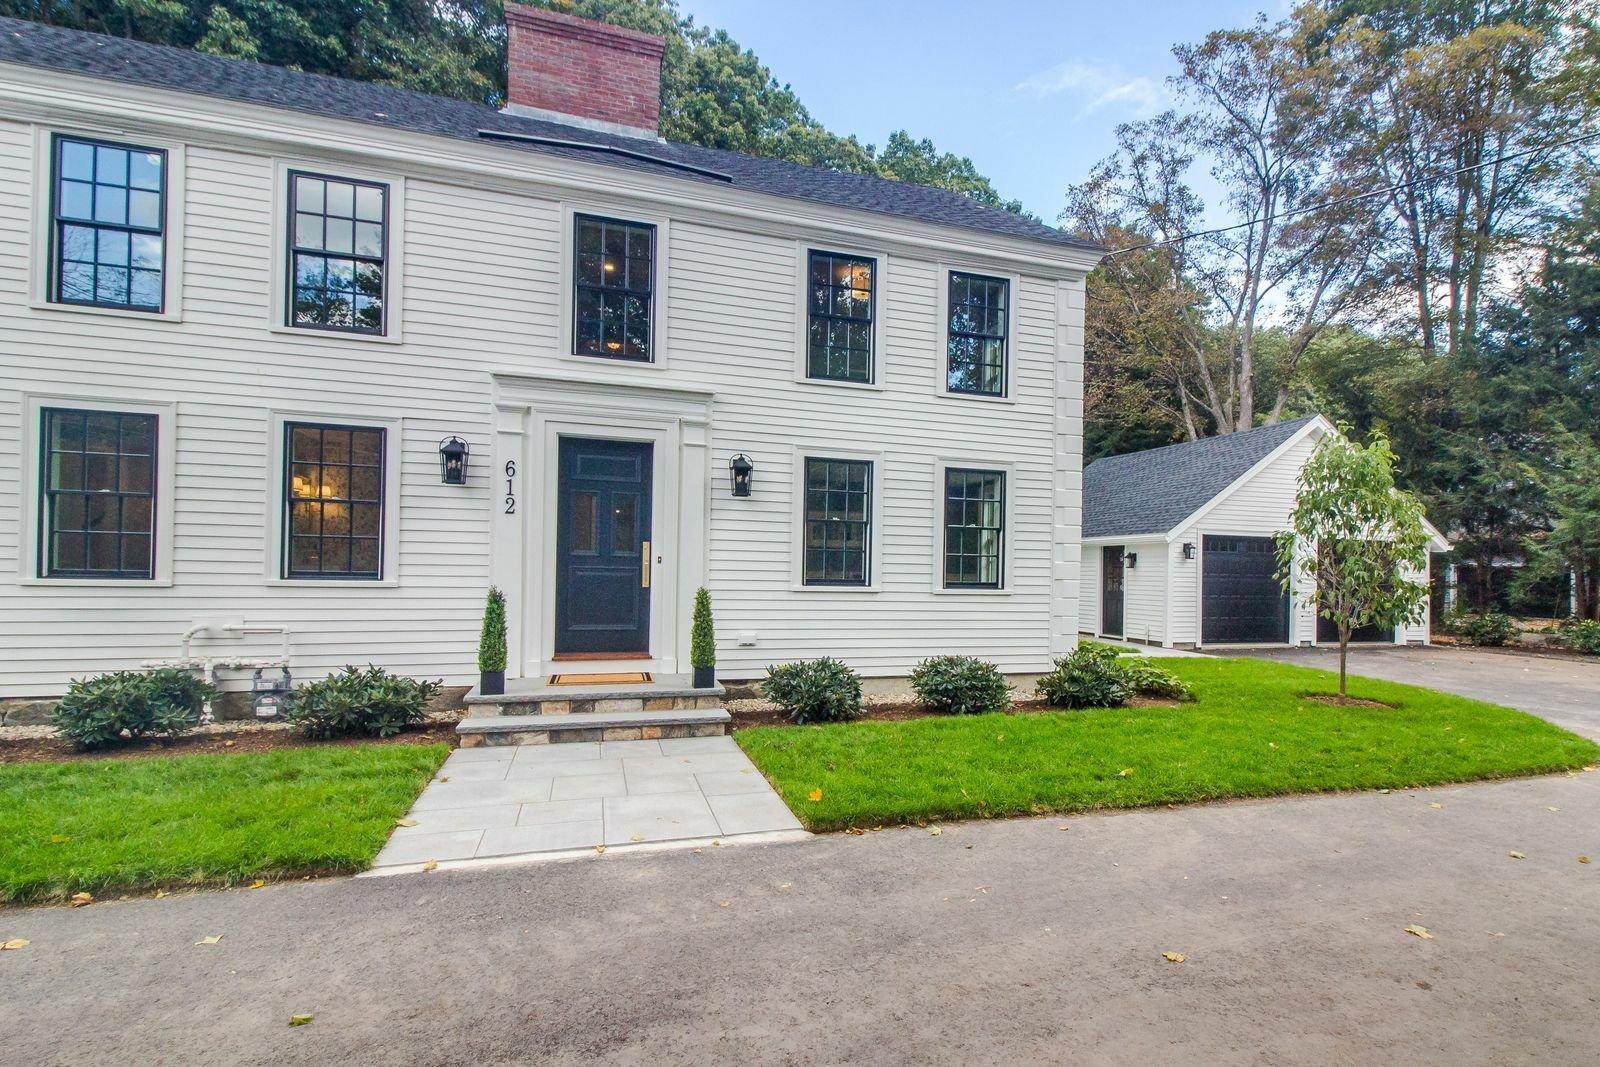 Casa a Concord, Massachusetts, Stati Uniti 1 - 11405572